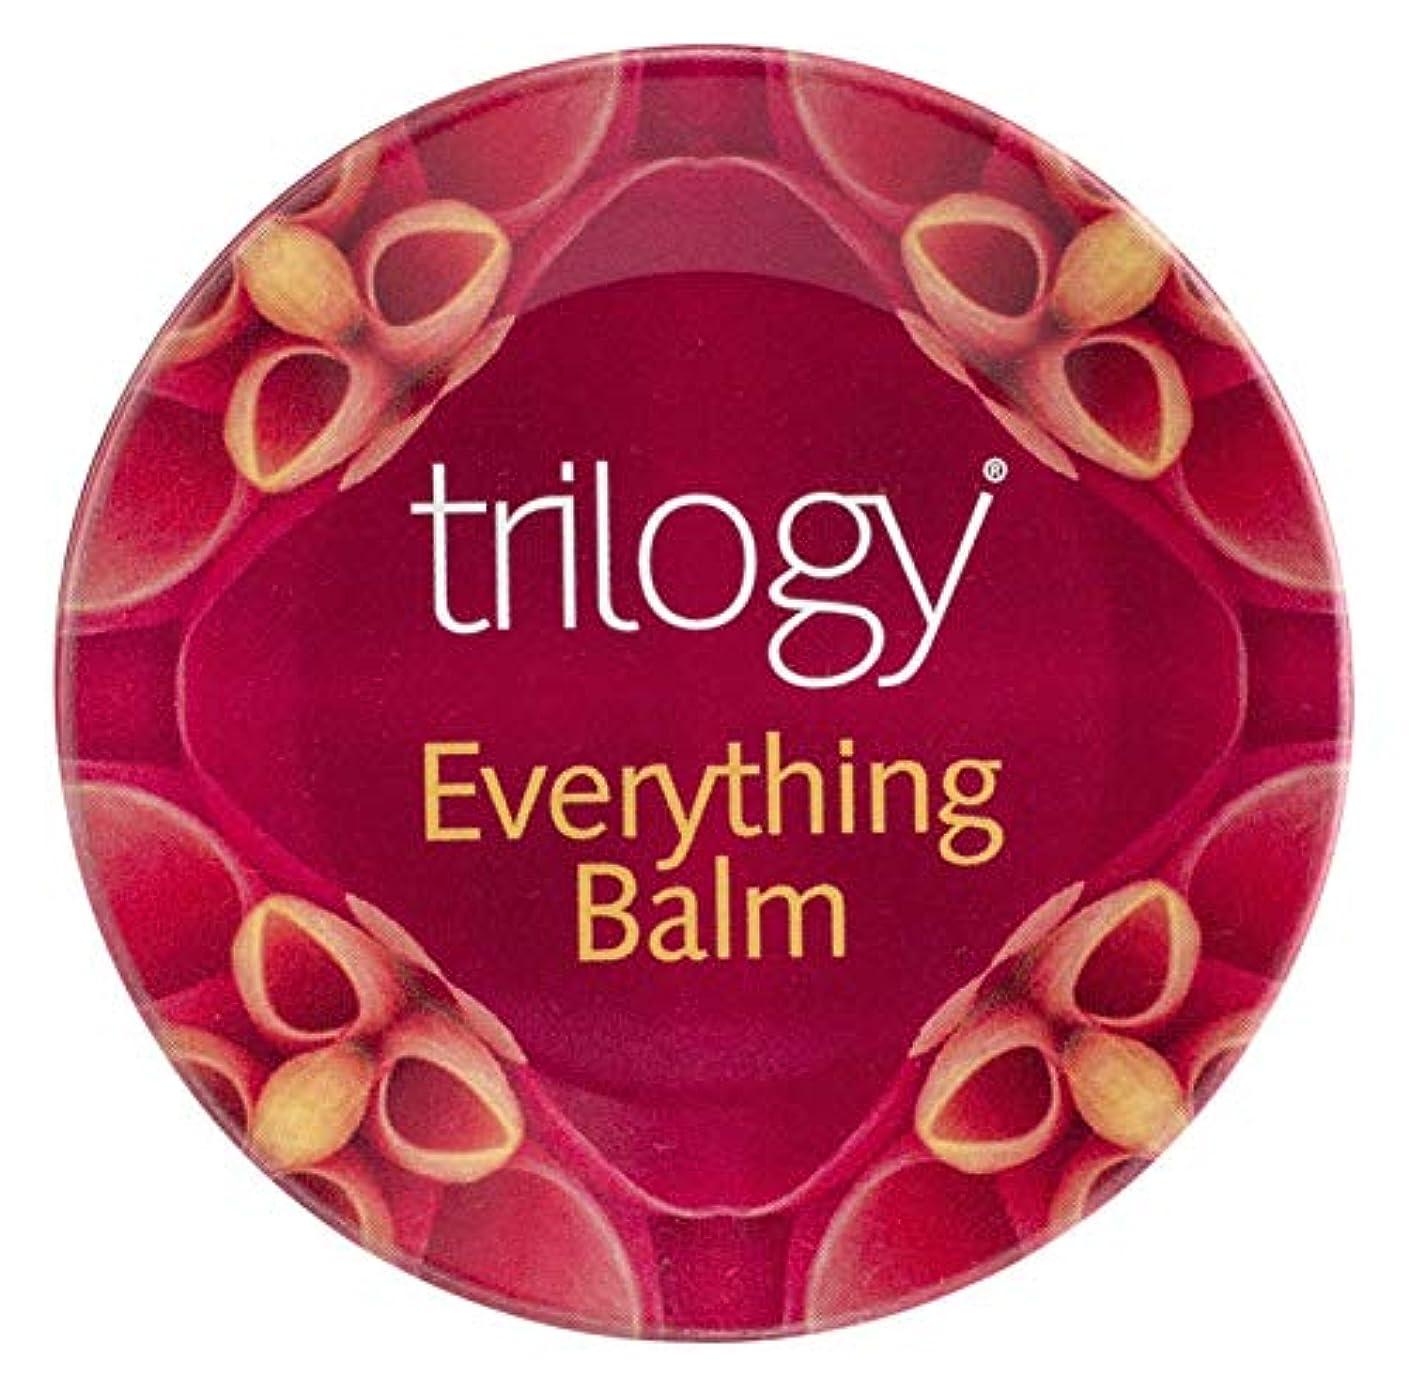 つぶやき消化匿名トリロジー(trilogy) エブリシング バーム 〈全身用バーム〉 (45mL)